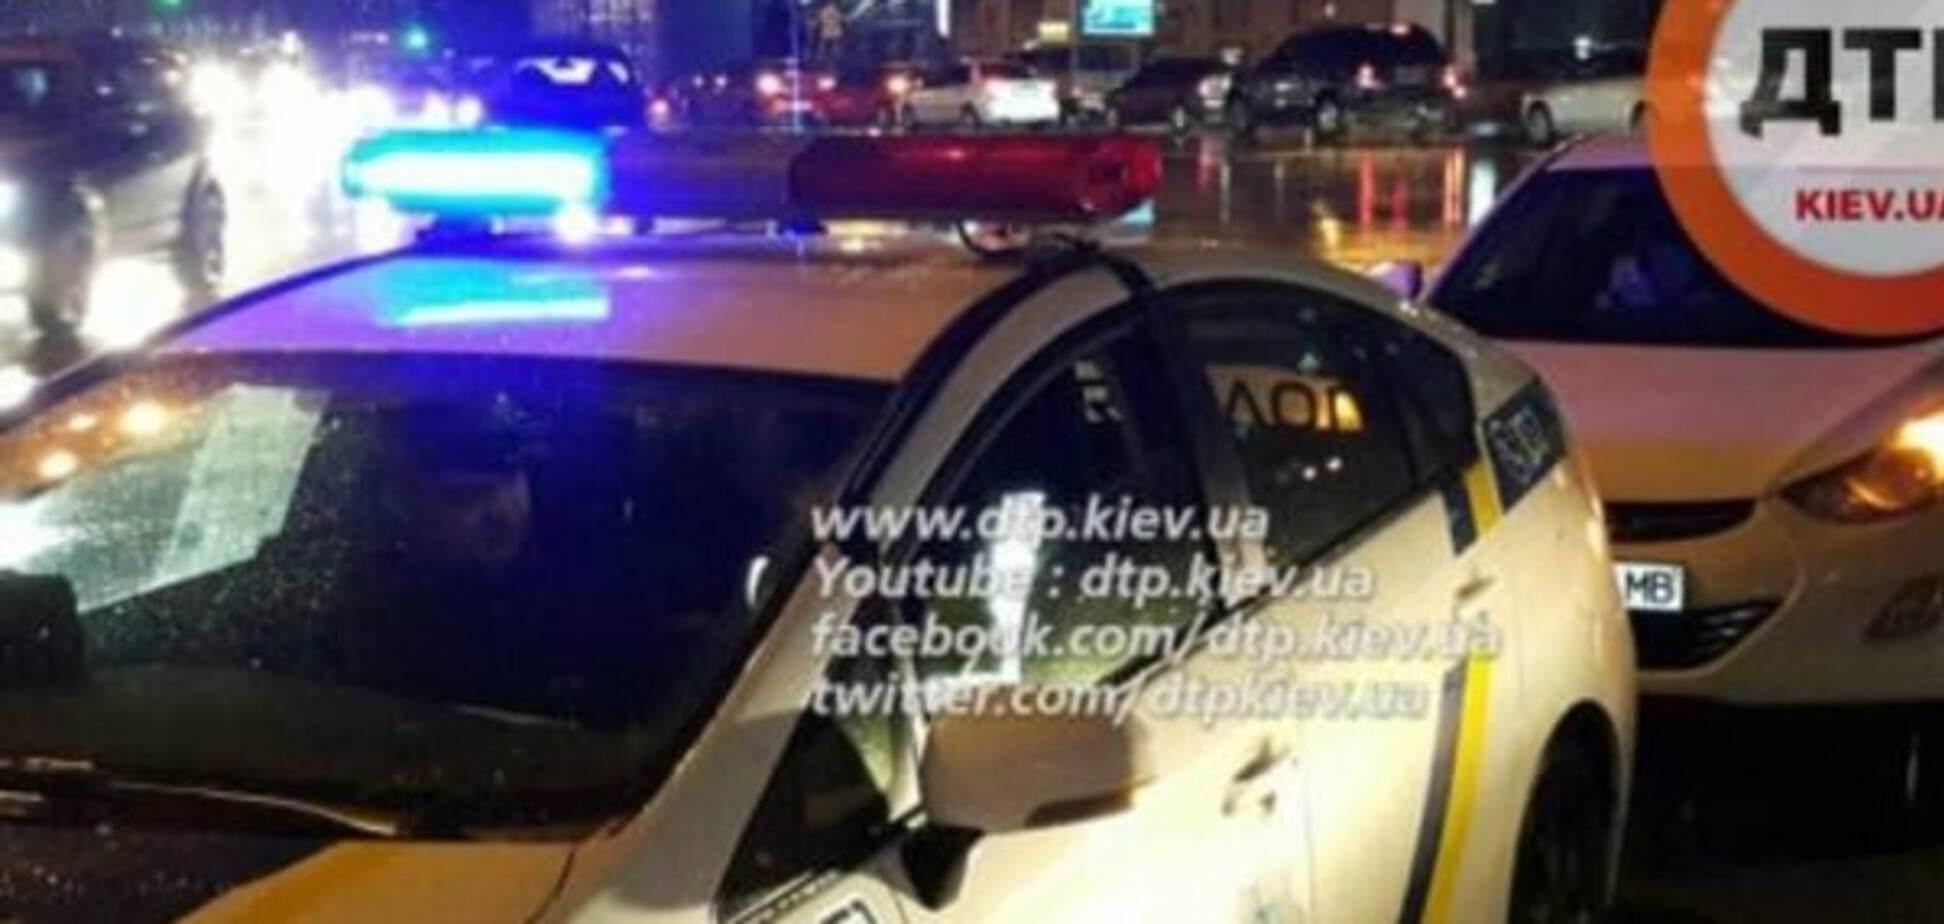 В Киеве таксист сбил 7-летнего ребенка и скрылся: фото с места событий